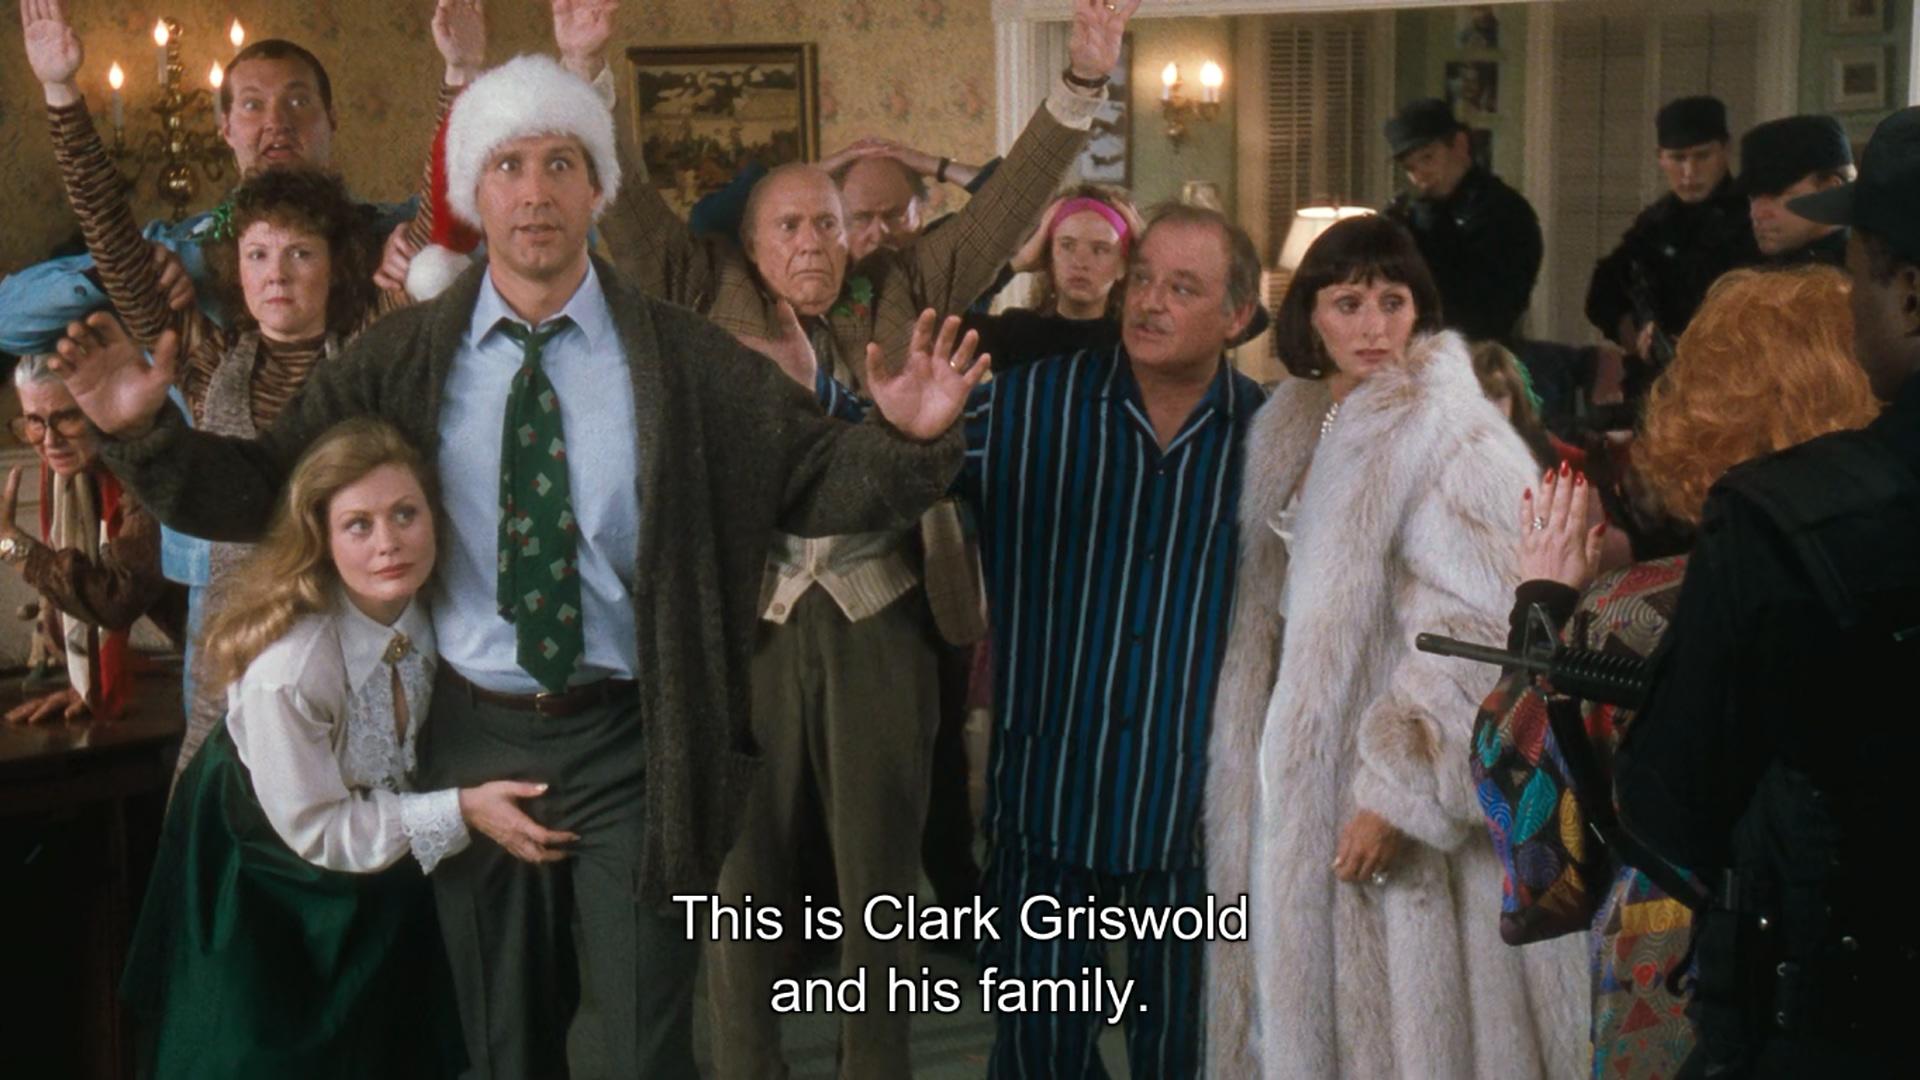 Vacaciones de Navidad (1989) x265 10 bits 1080p